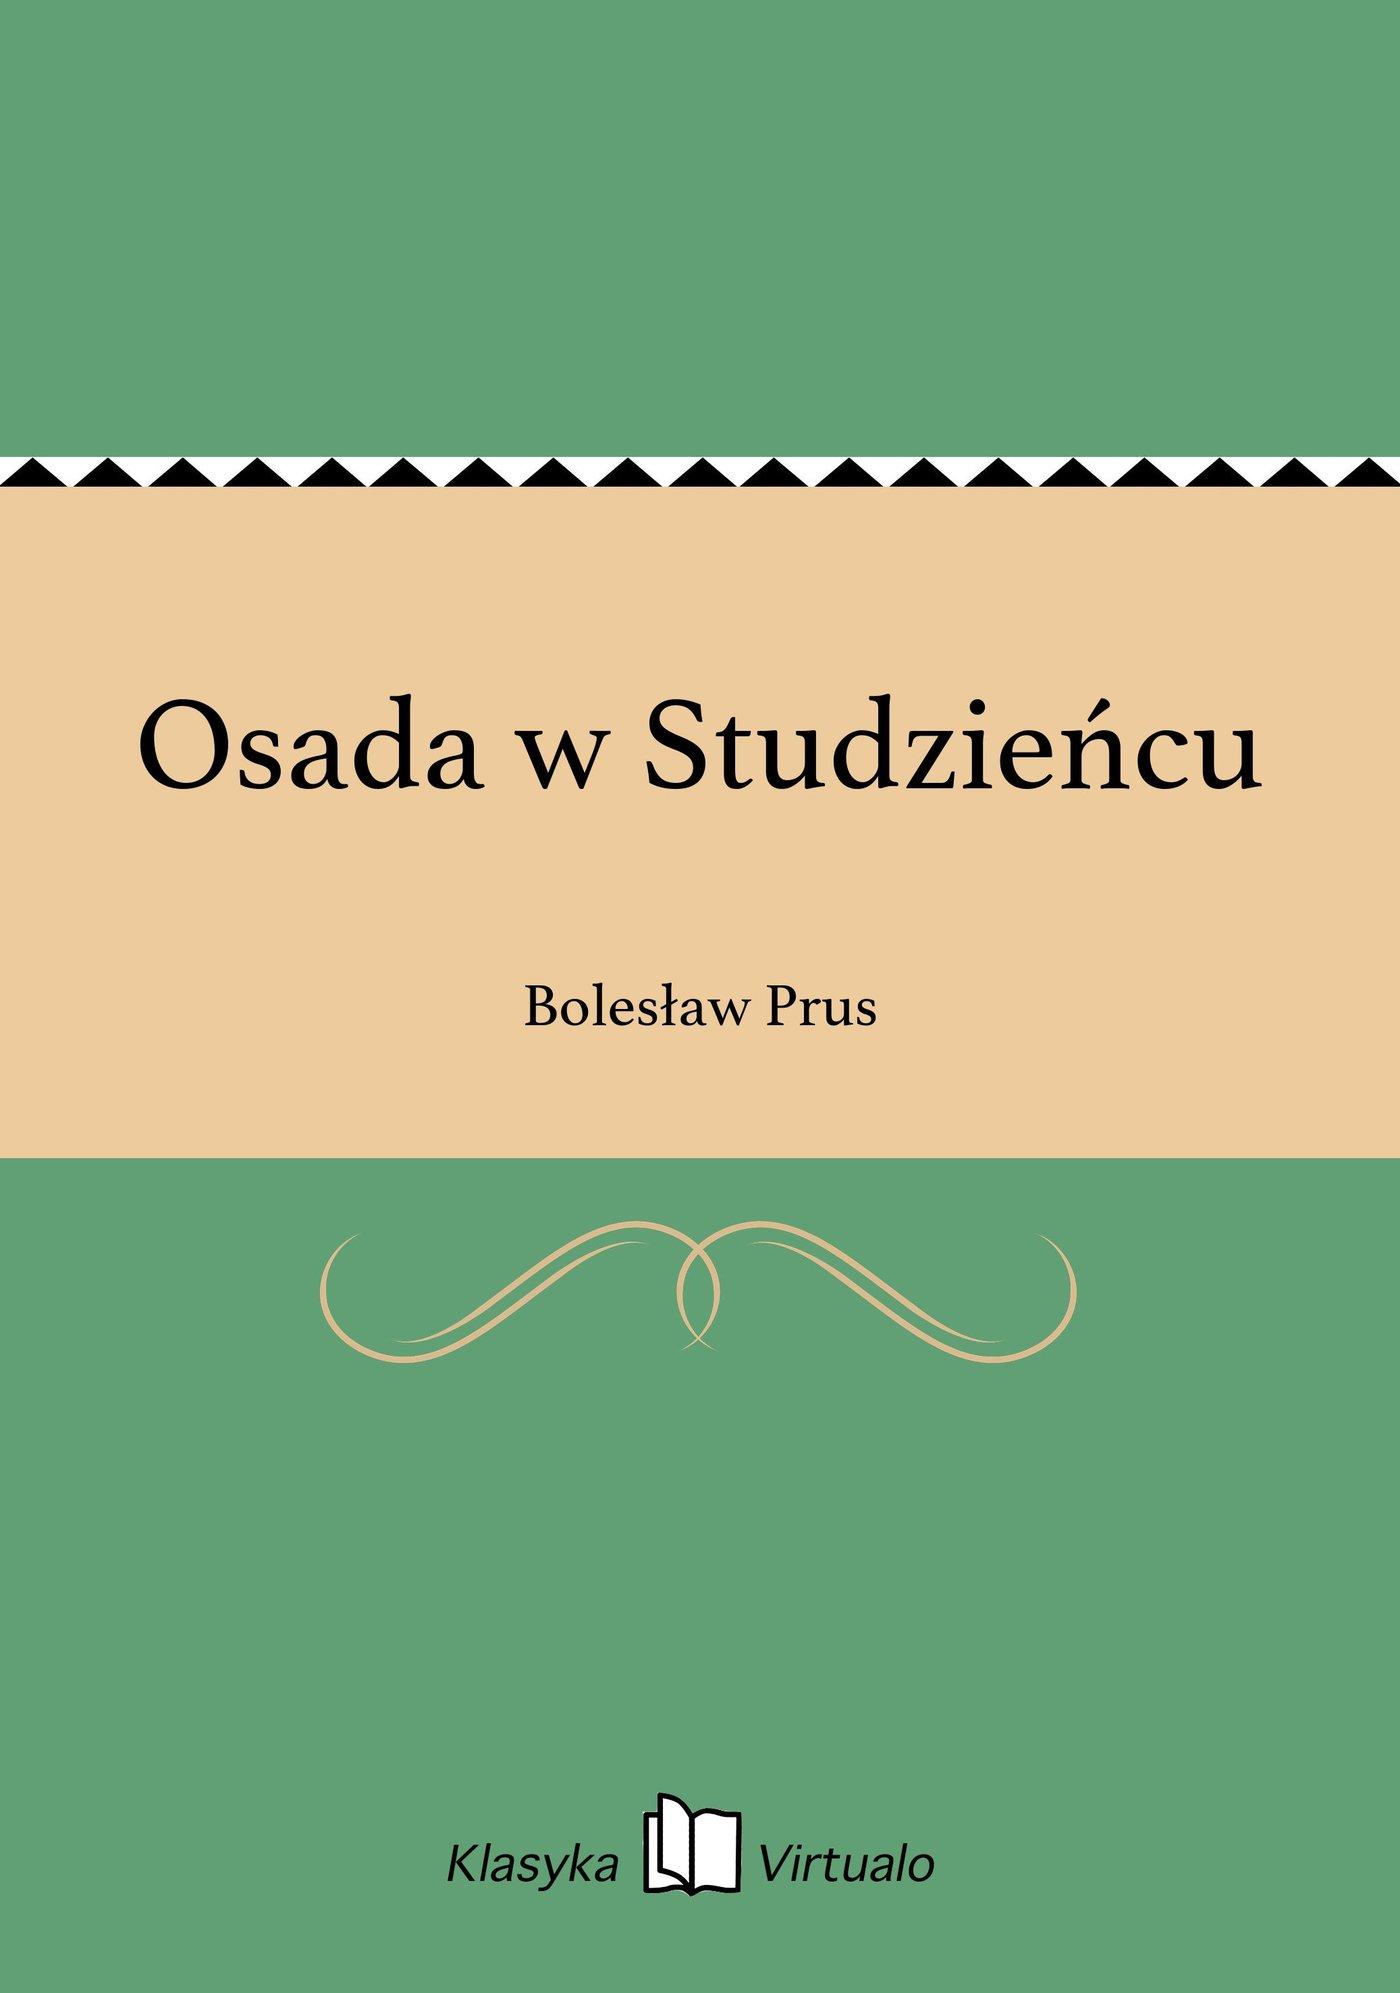 Osada w Studzieńcu - Ebook (Książka EPUB) do pobrania w formacie EPUB